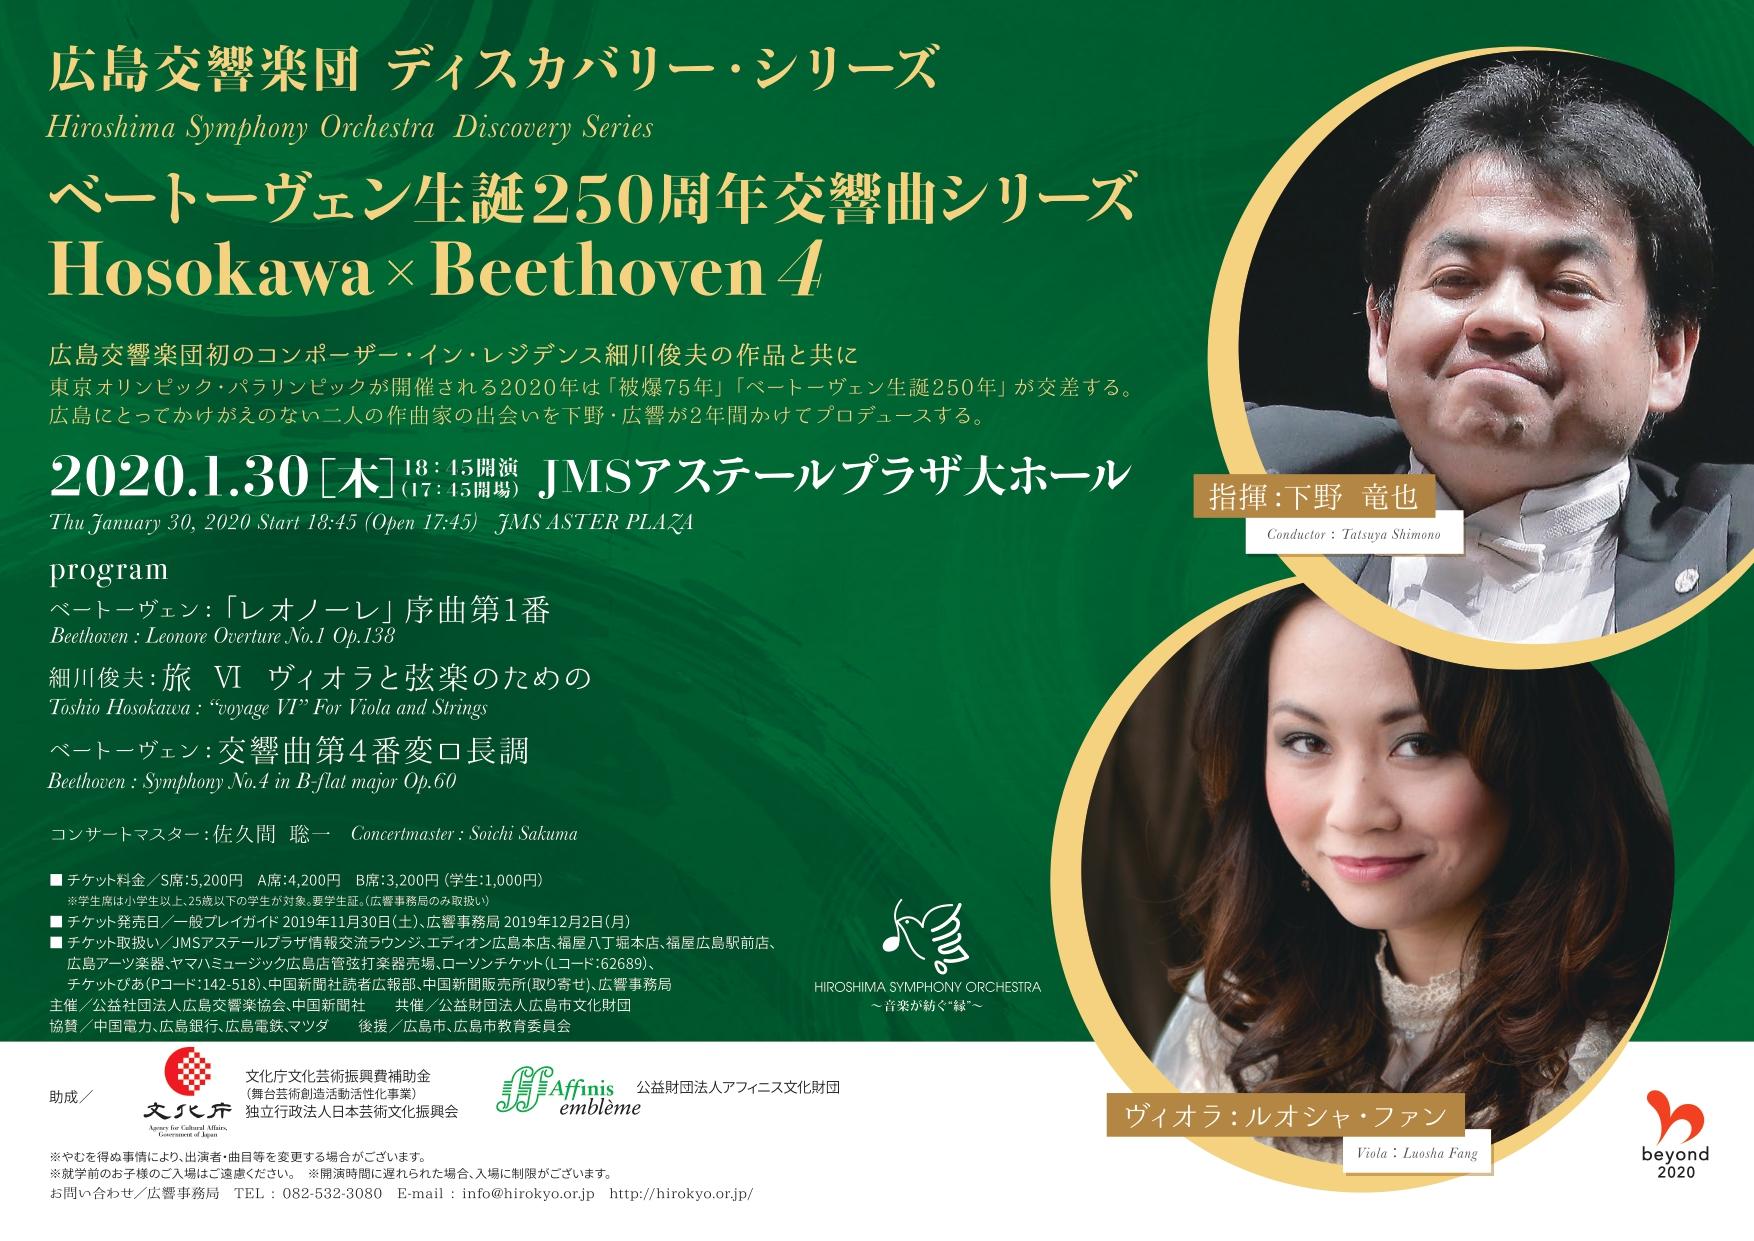 ディスカバリー・シリーズ4〈ベートーヴェン生誕250周年交響曲シリーズ〉Hosokawa×Beethoven